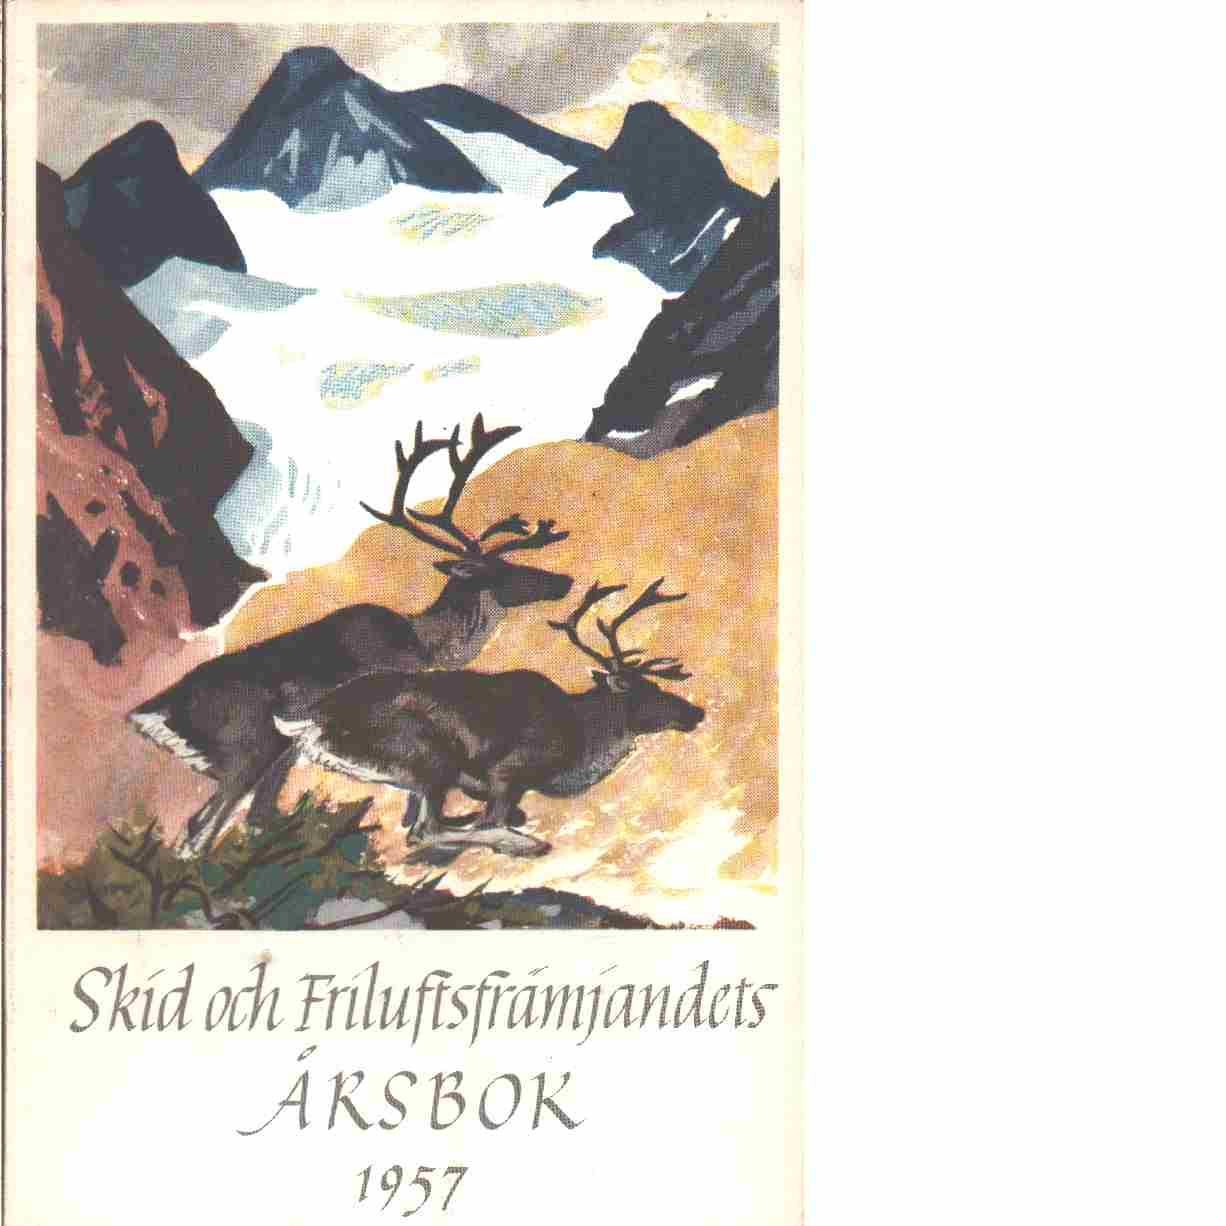 På skidor : Skid- och friluftsfrämjandets årsbok. Årsbok 1957 - Skid- och friluftsfrämjandet